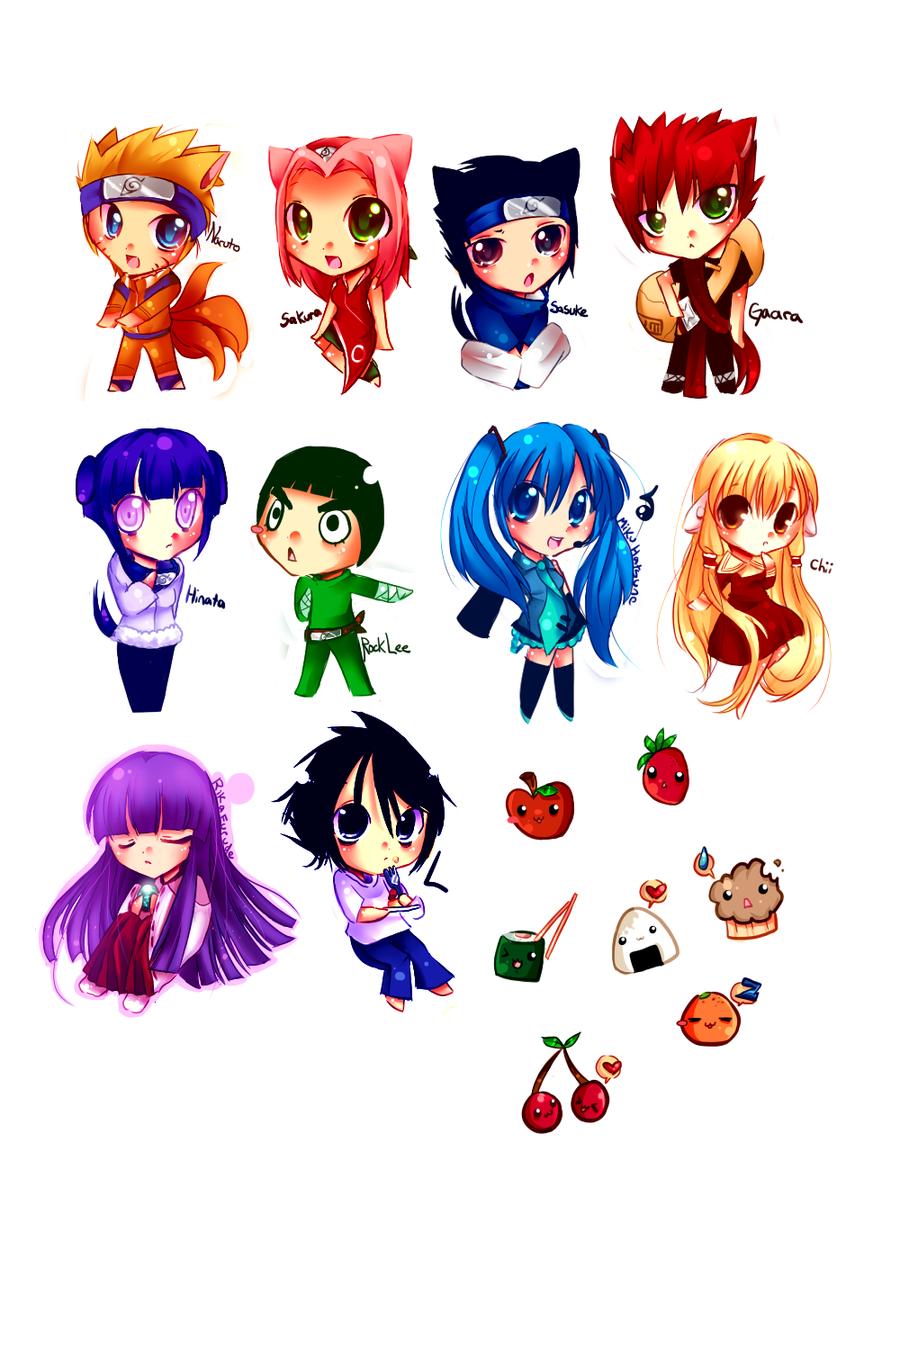 Mini Anime Con chibis by pekou